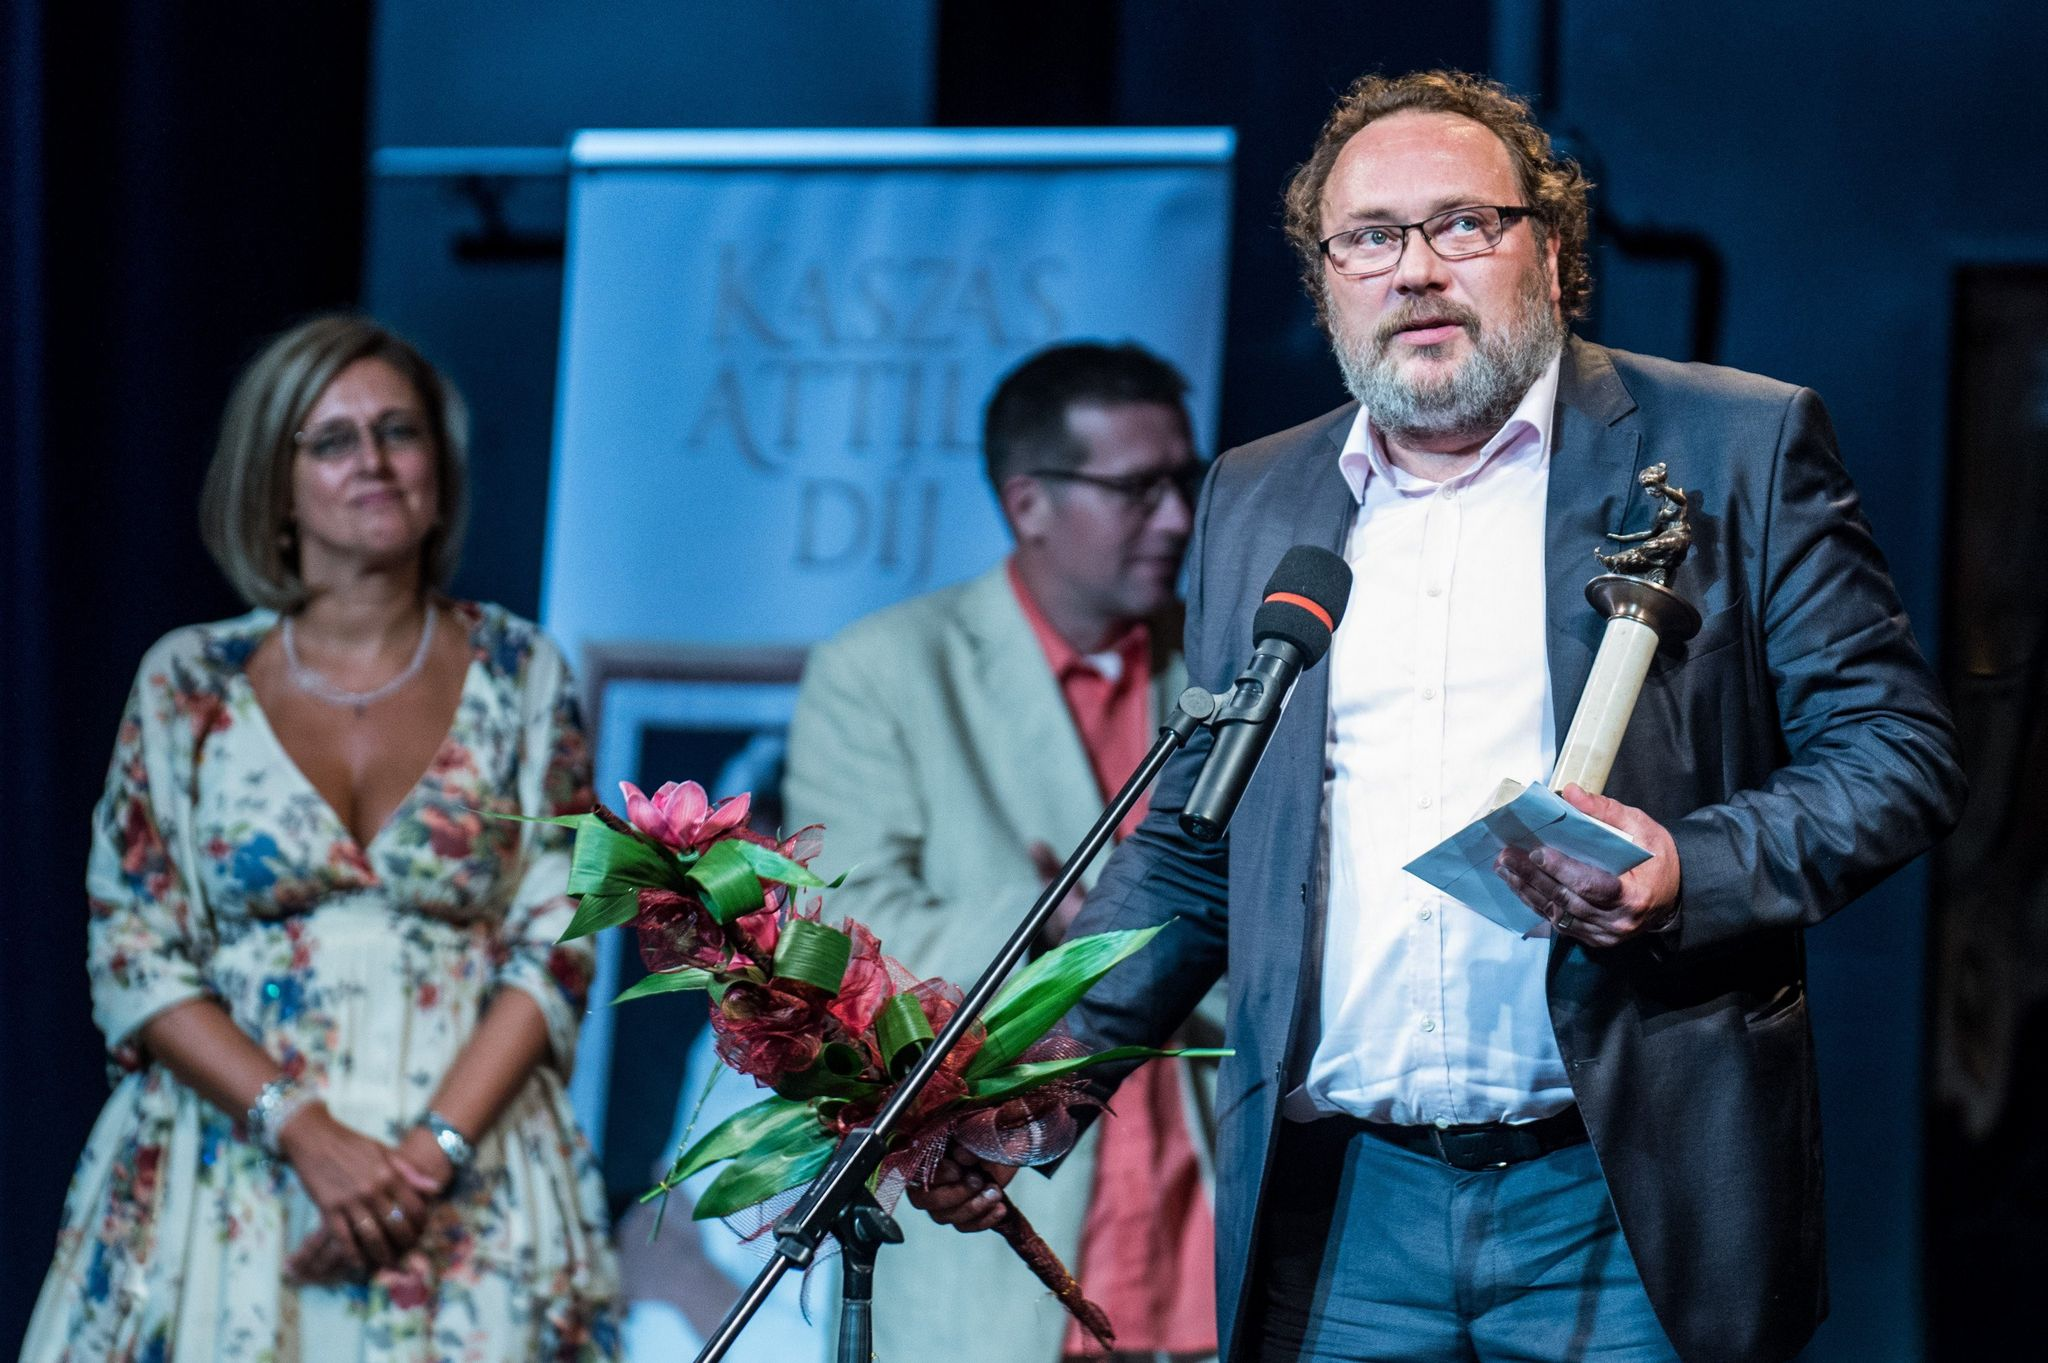 Schneider Zoltán színmûvész, miután átvette a 2016-os Kaszás Attila-díjat Fotó: MTI - Ujvári Sándor